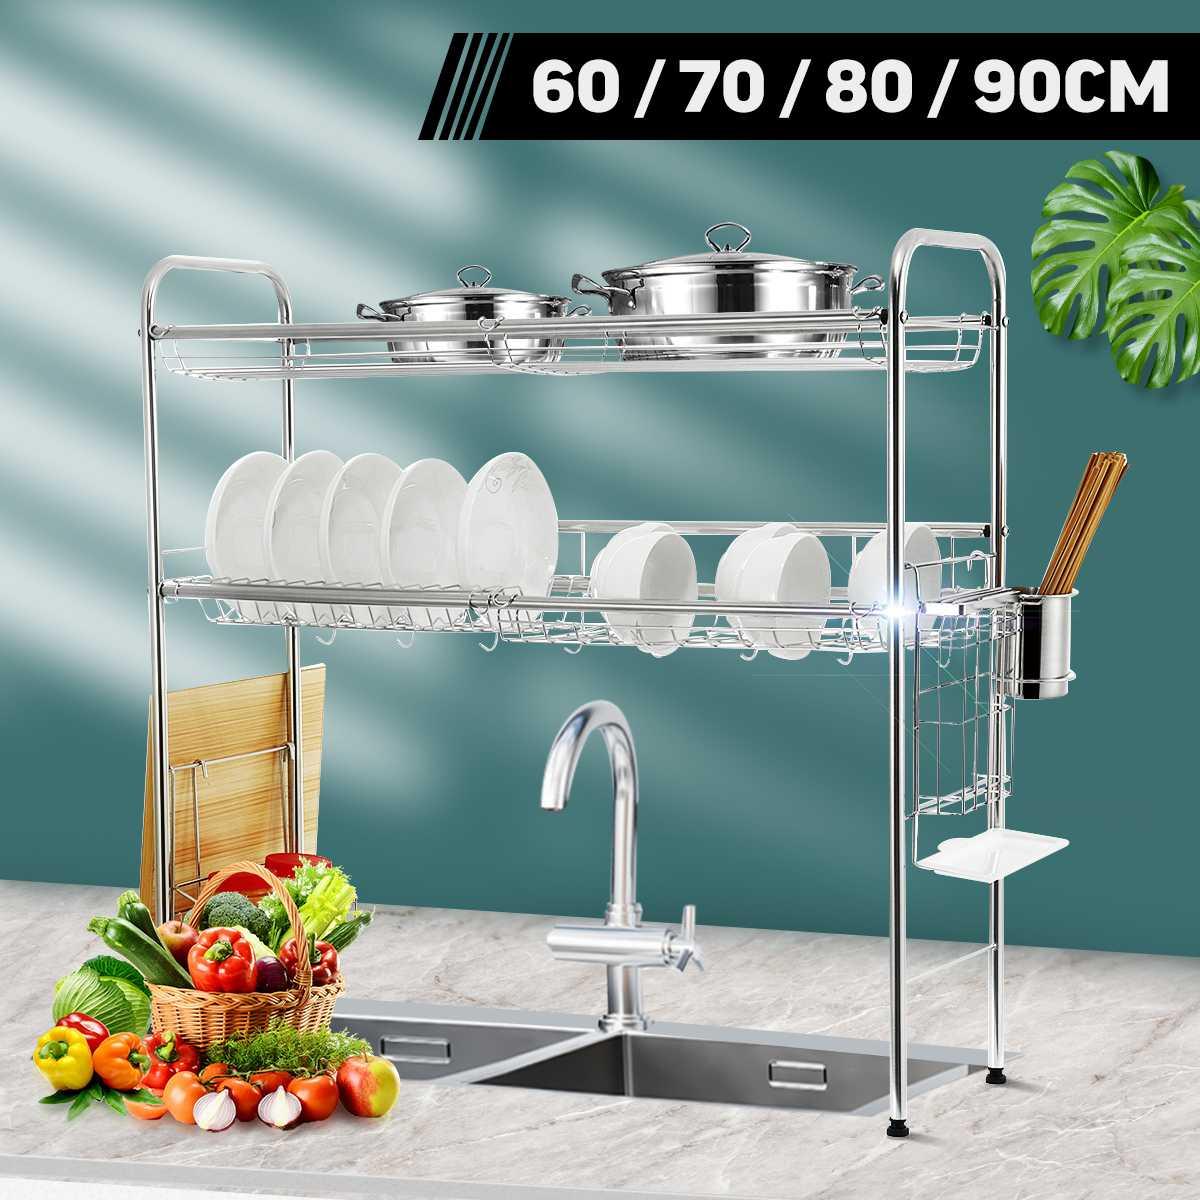 2 طبقات الصلب رف لتجفيف الأطباق فوق بالوعة المطبخ تخزين الرف مكافحة سطح الفضاء التوقف حامل أدوات المائدة تجفيف المنظم